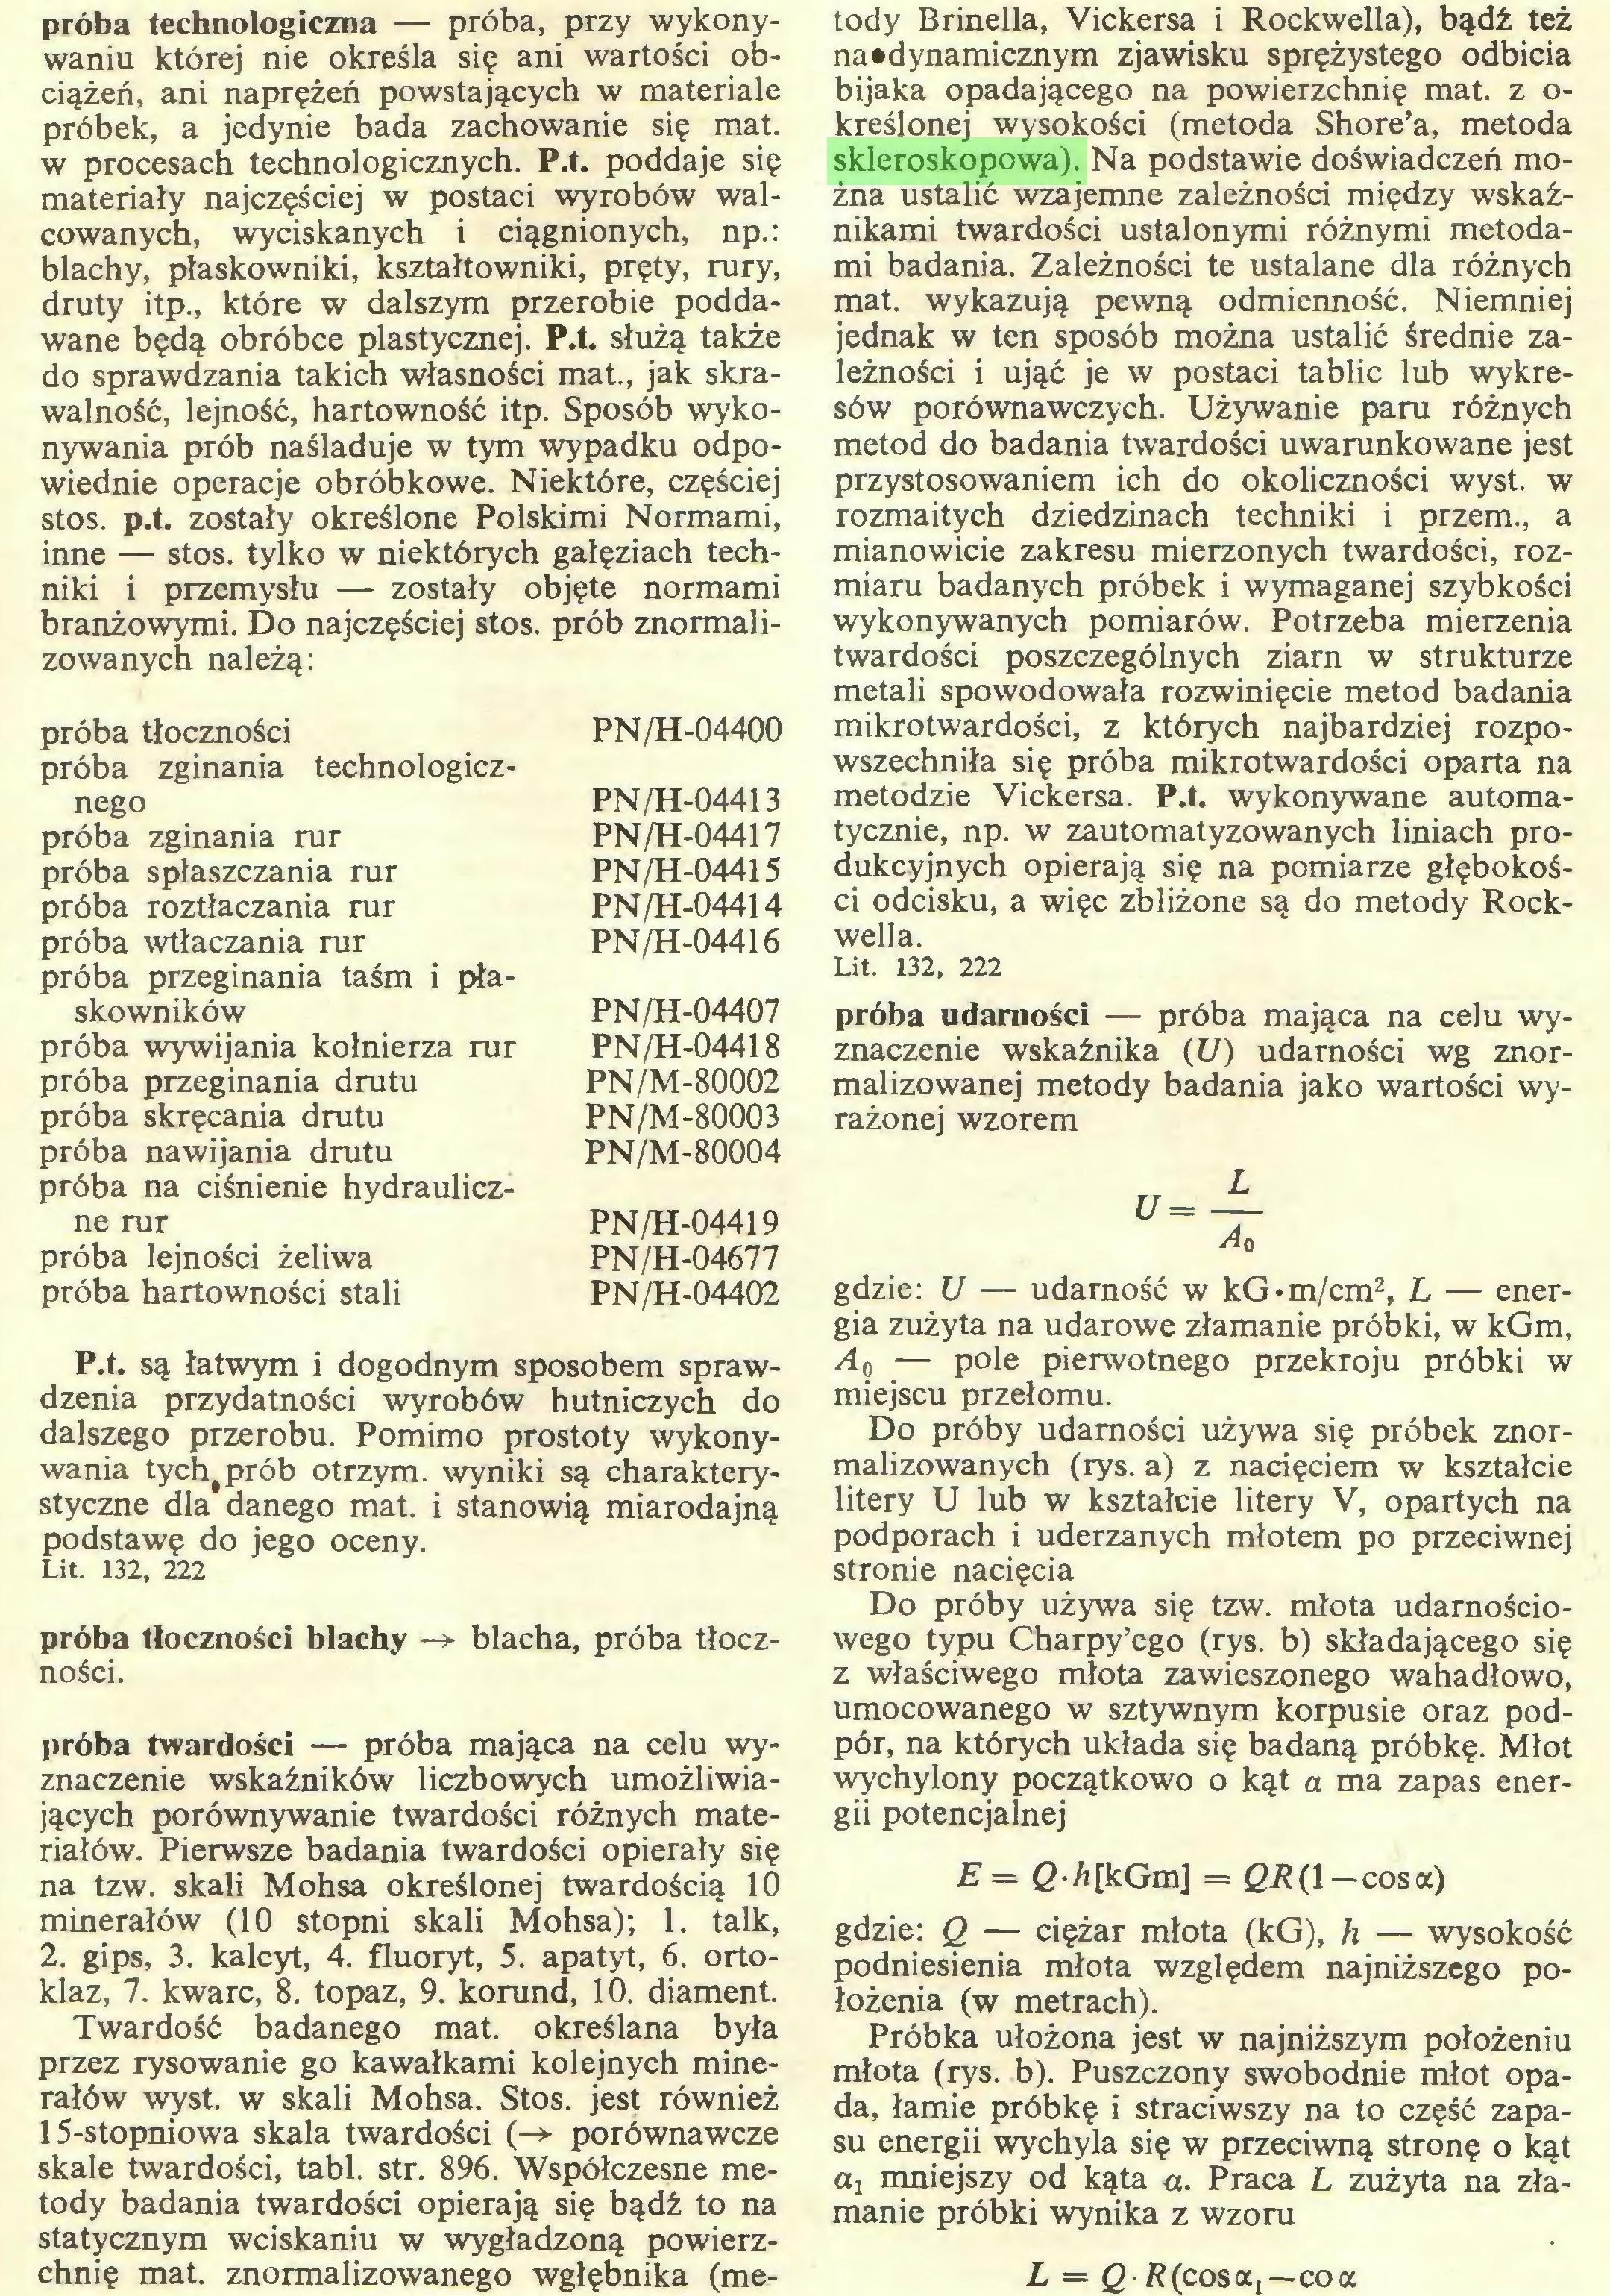 (...) chnię mat. znormalizowanego wgłębnika (me¬ tody Brinella, Vickersa i Rockwella), bądź też na »dynamicznym zjawisku sprężystego odbicia bijaka opadającego na powierzchnię mat. z określonej wysokości (metoda Shore'a, metoda skleroskopowa). Na podstawie doświadczeń można ustalić wzajemne zależności między wskaźnikami twardości ustalonymi różnymi metodami badania. Zależności te ustalane dla różnych...